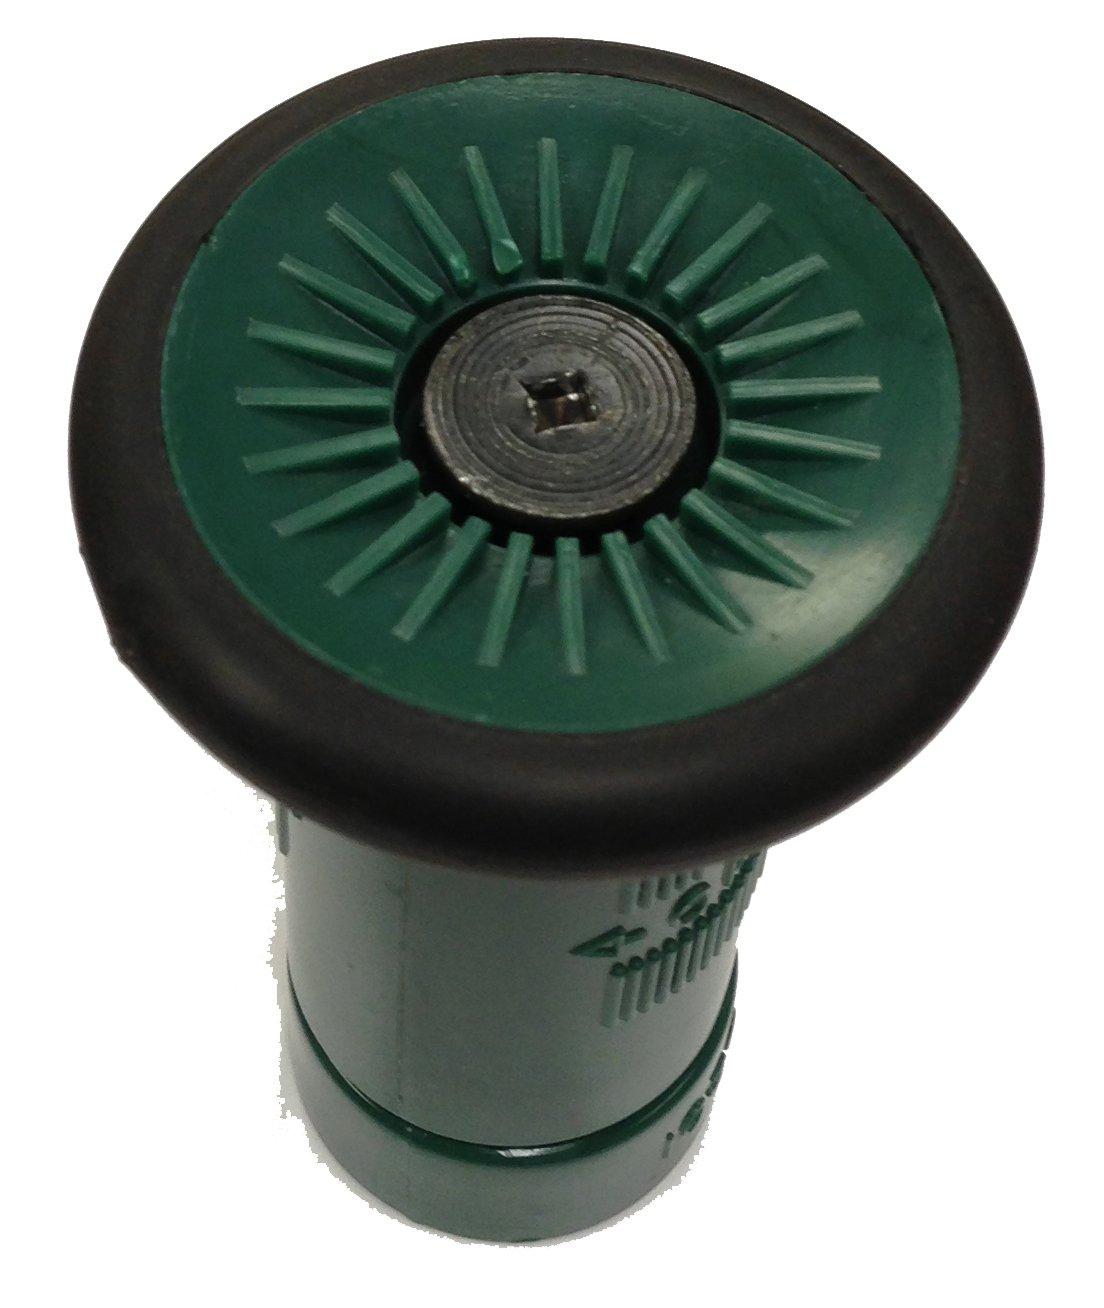 amazon com herco made in usa garden hose nozzle 1030 ght